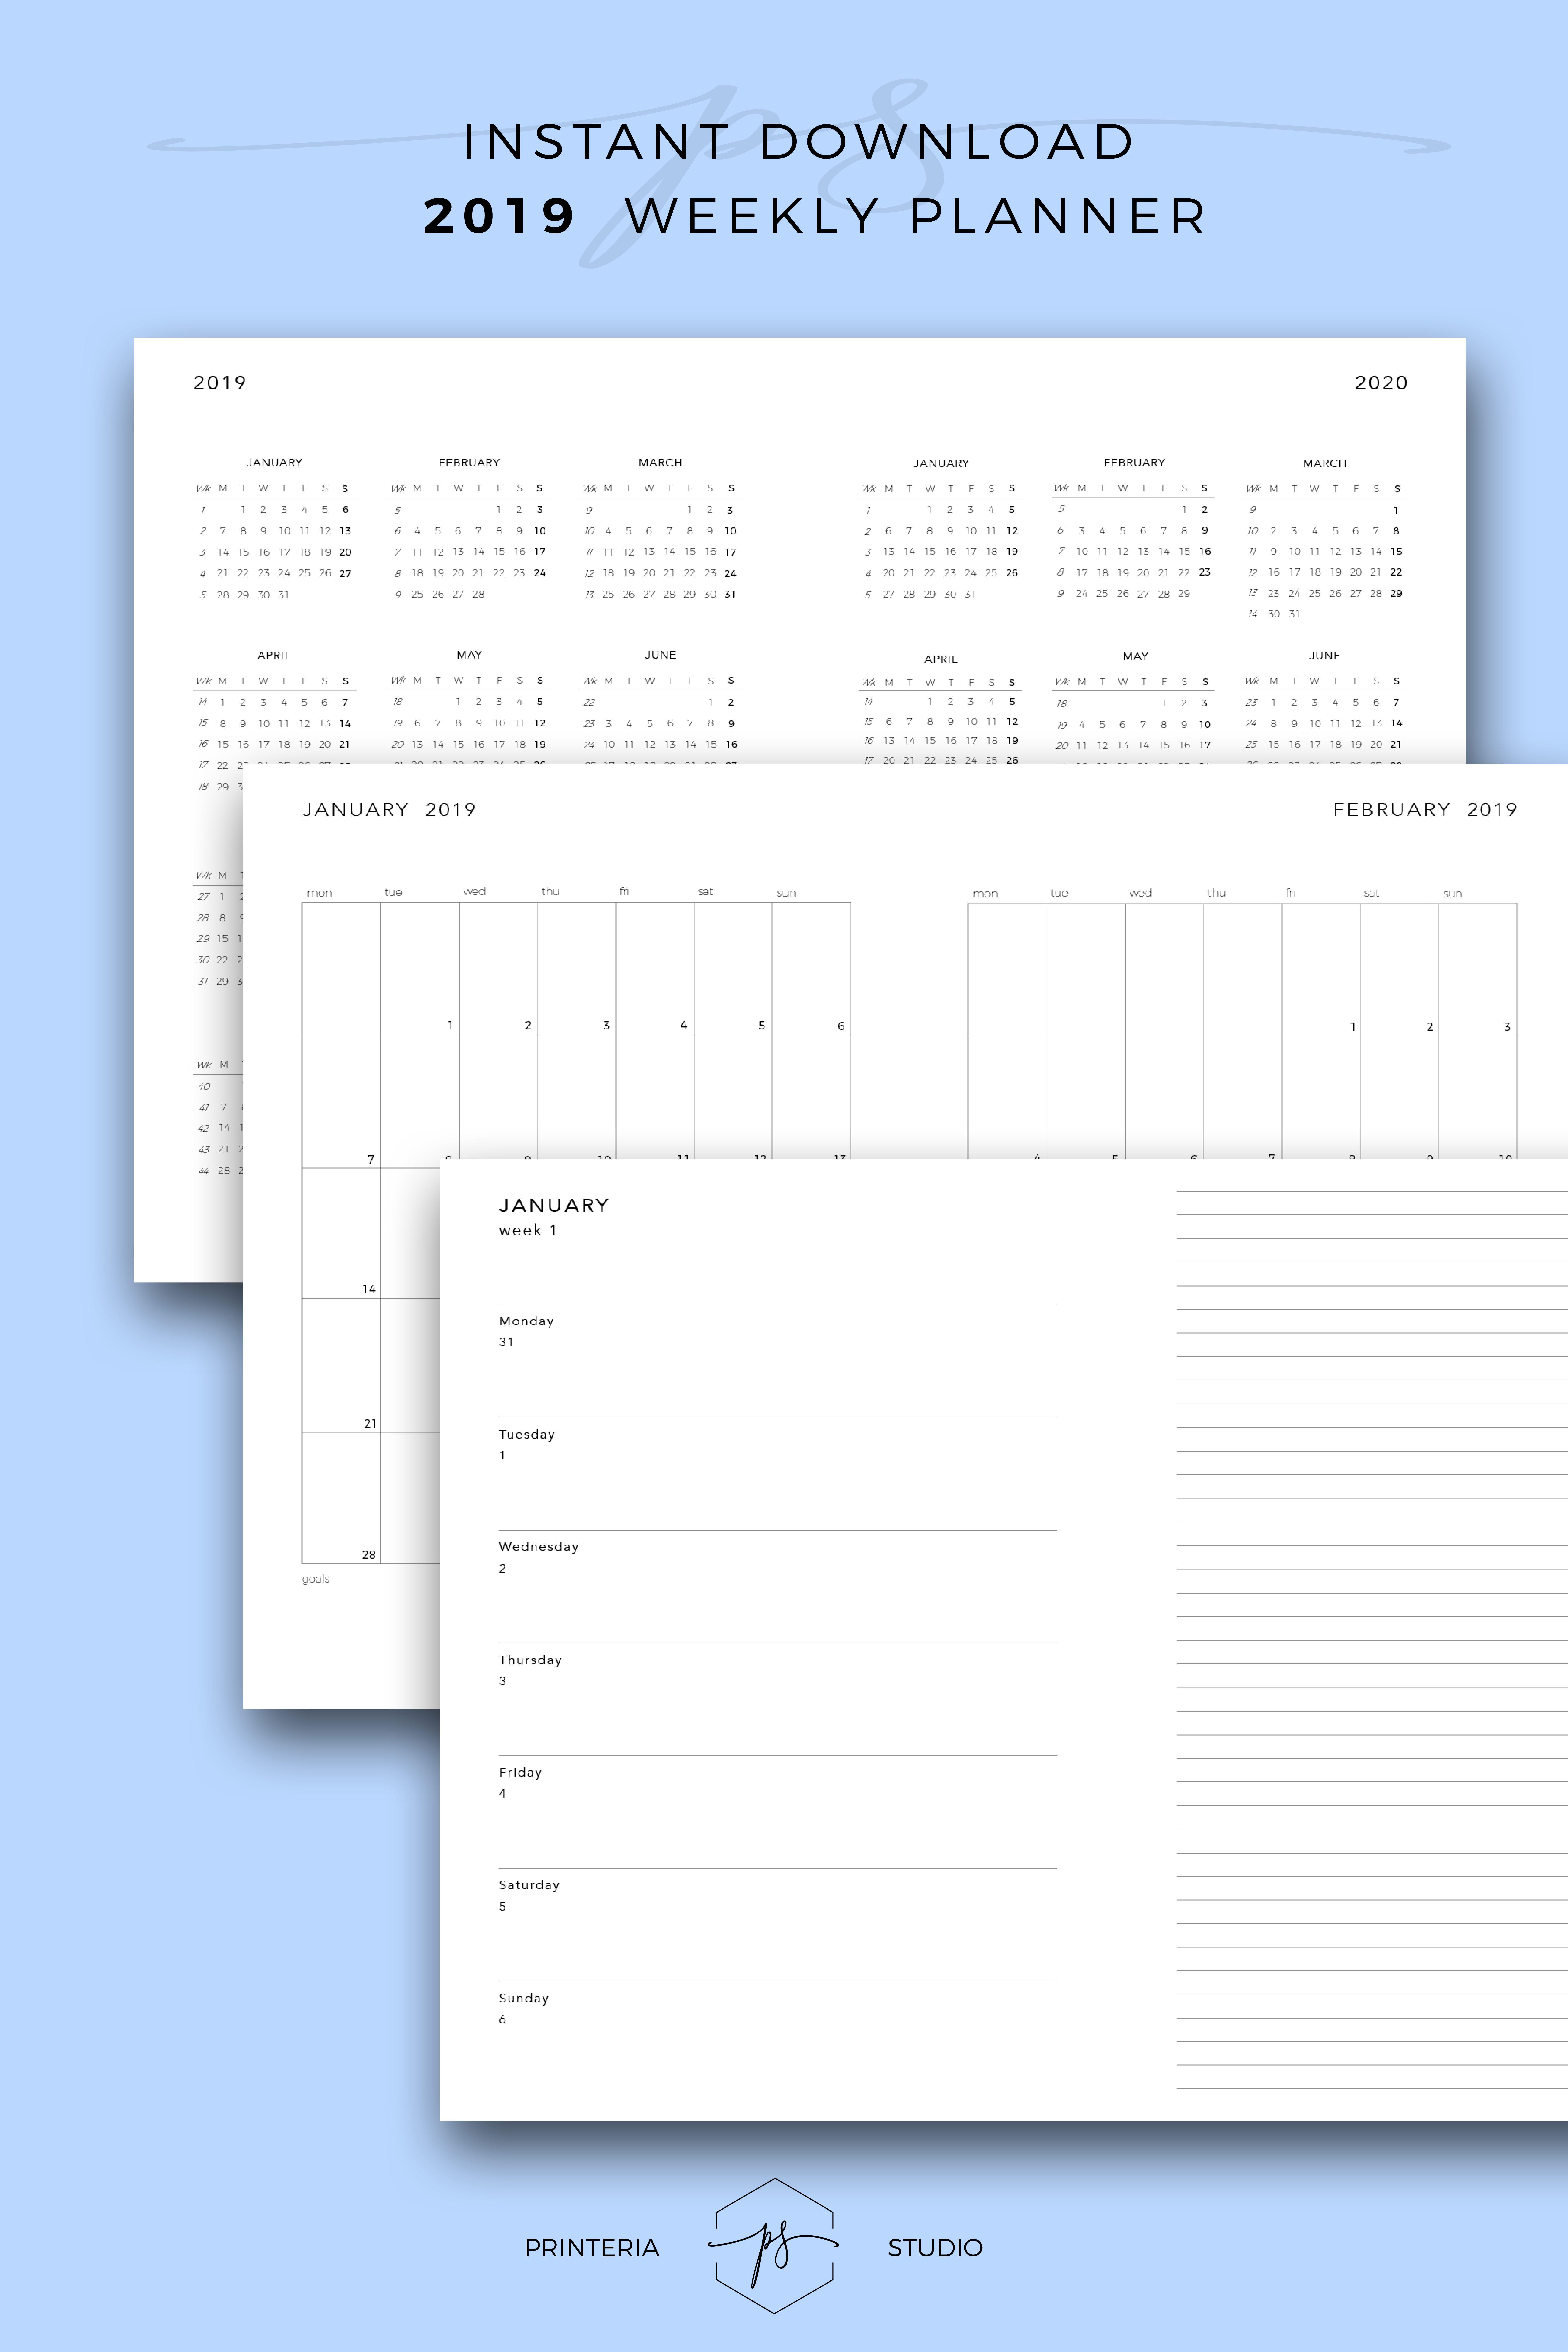 Idee Calendario.2019 Weekly Planner 2019 Calendar Template Weekly Calendar